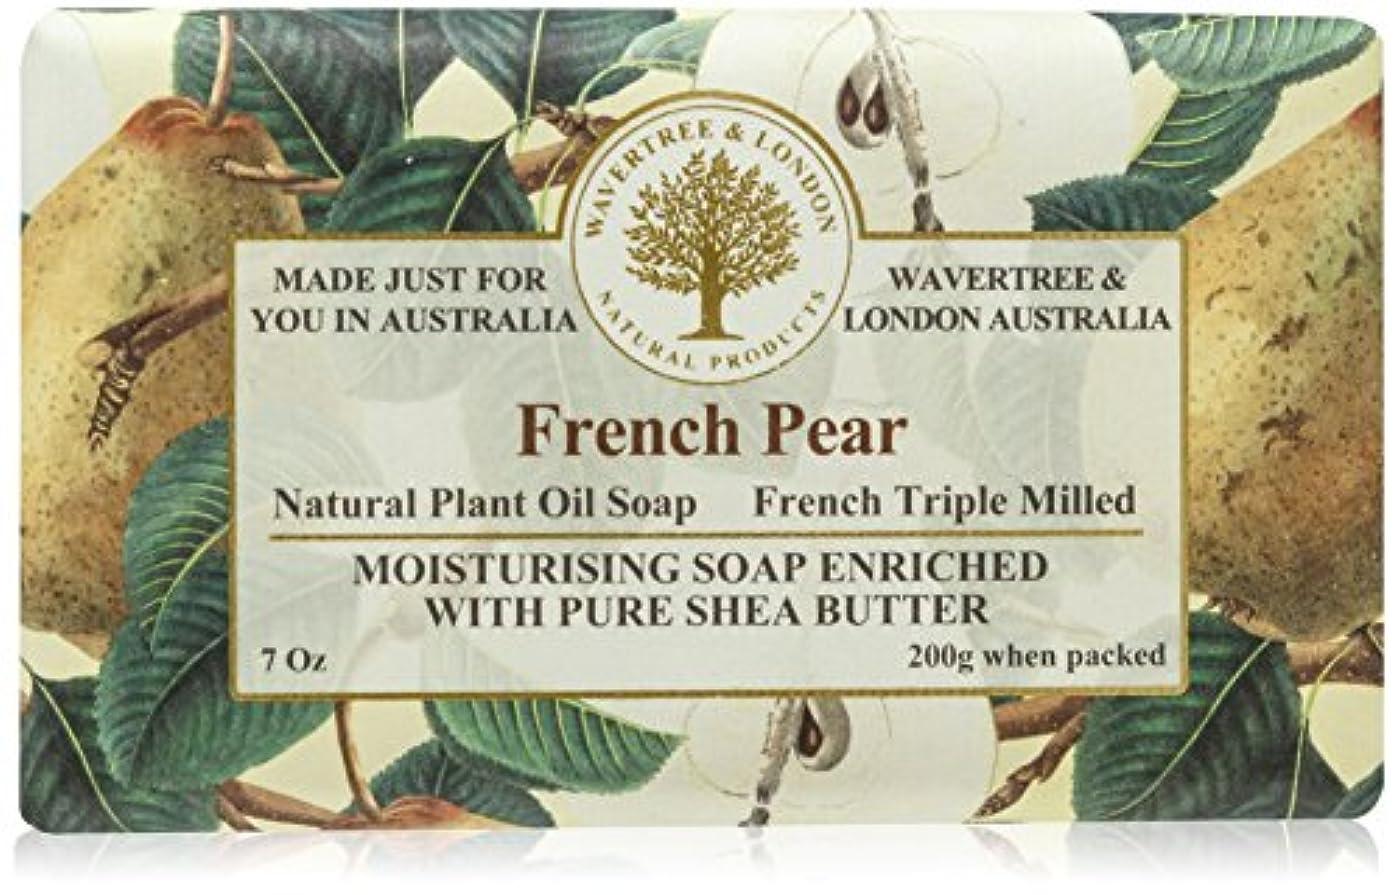 ディレクター見る大きなスケールで見るとBela プレミアム包まれた固形石鹸、フランス語梨、200グラム 1バー